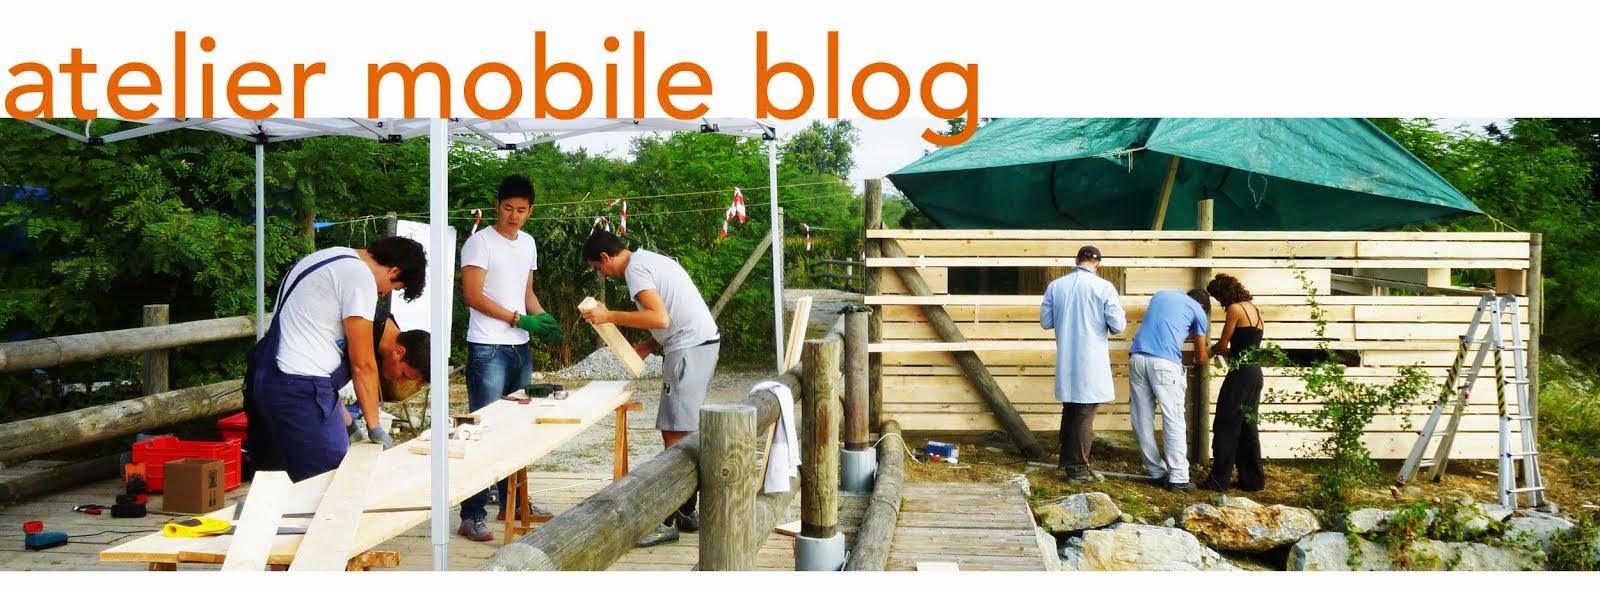 atelier mobile blog